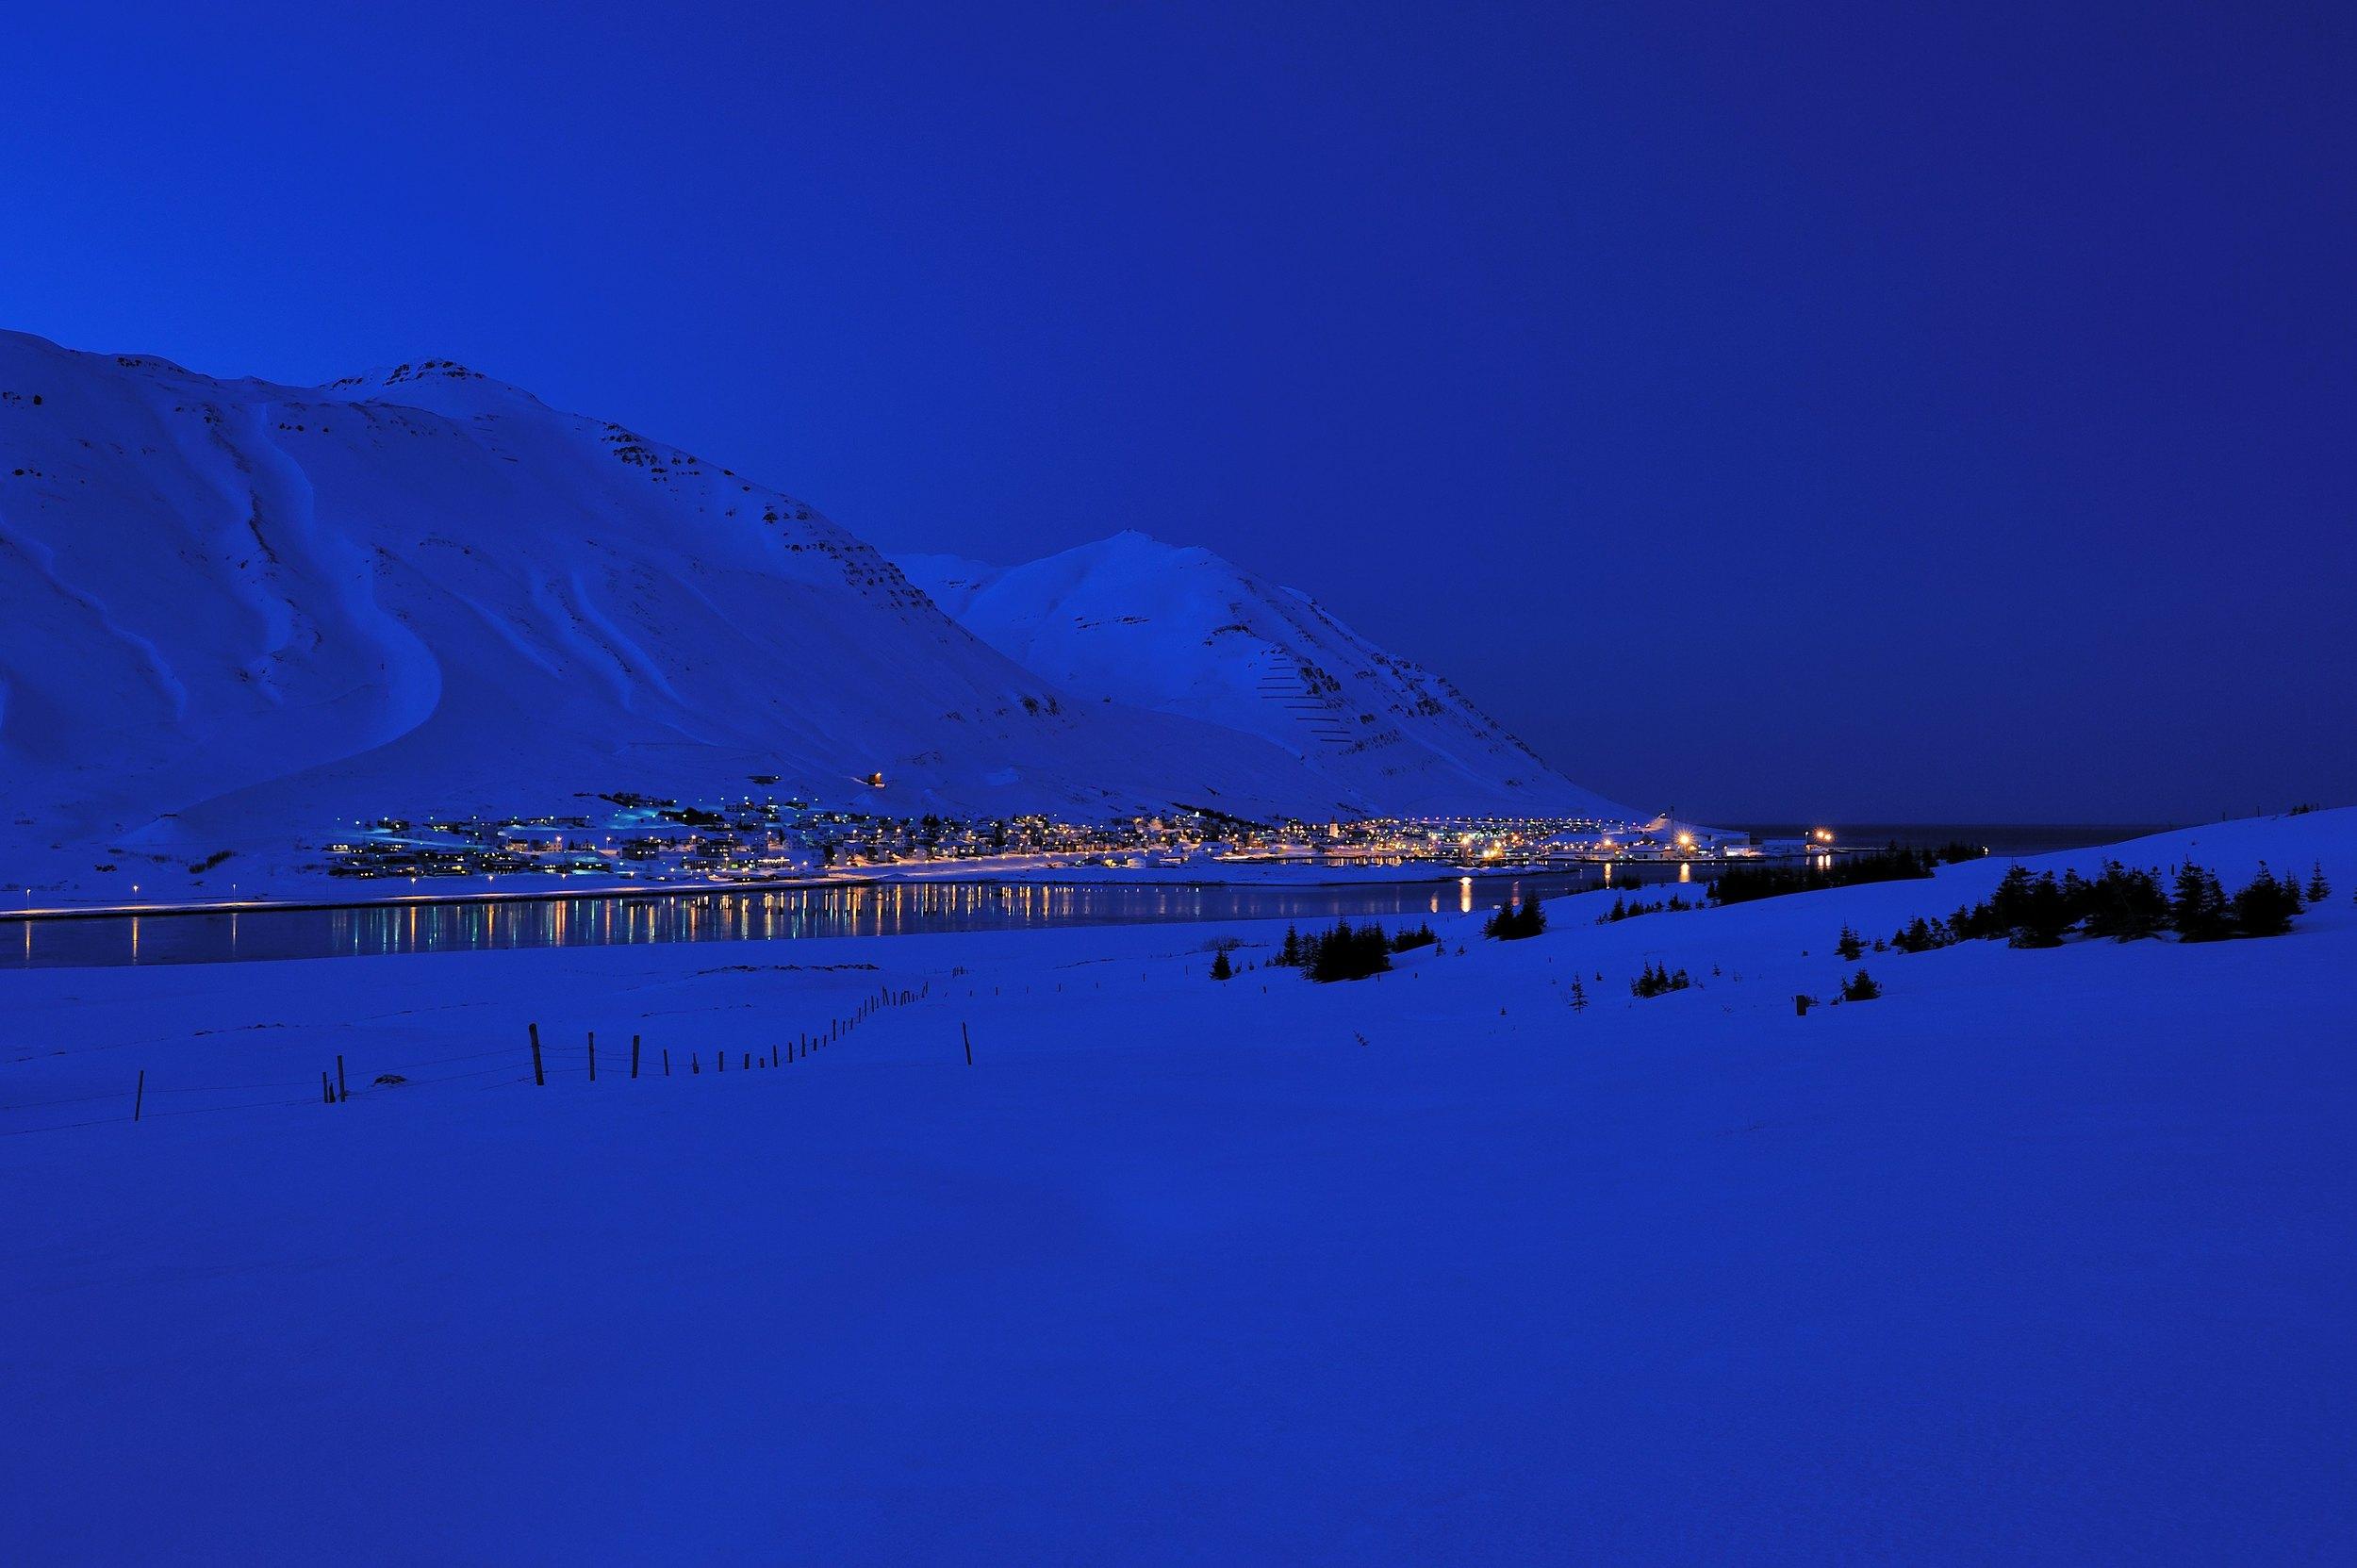 The setting of the Dark Iceland Series - Siglufjörður. Photo © Sigurður Ægisson